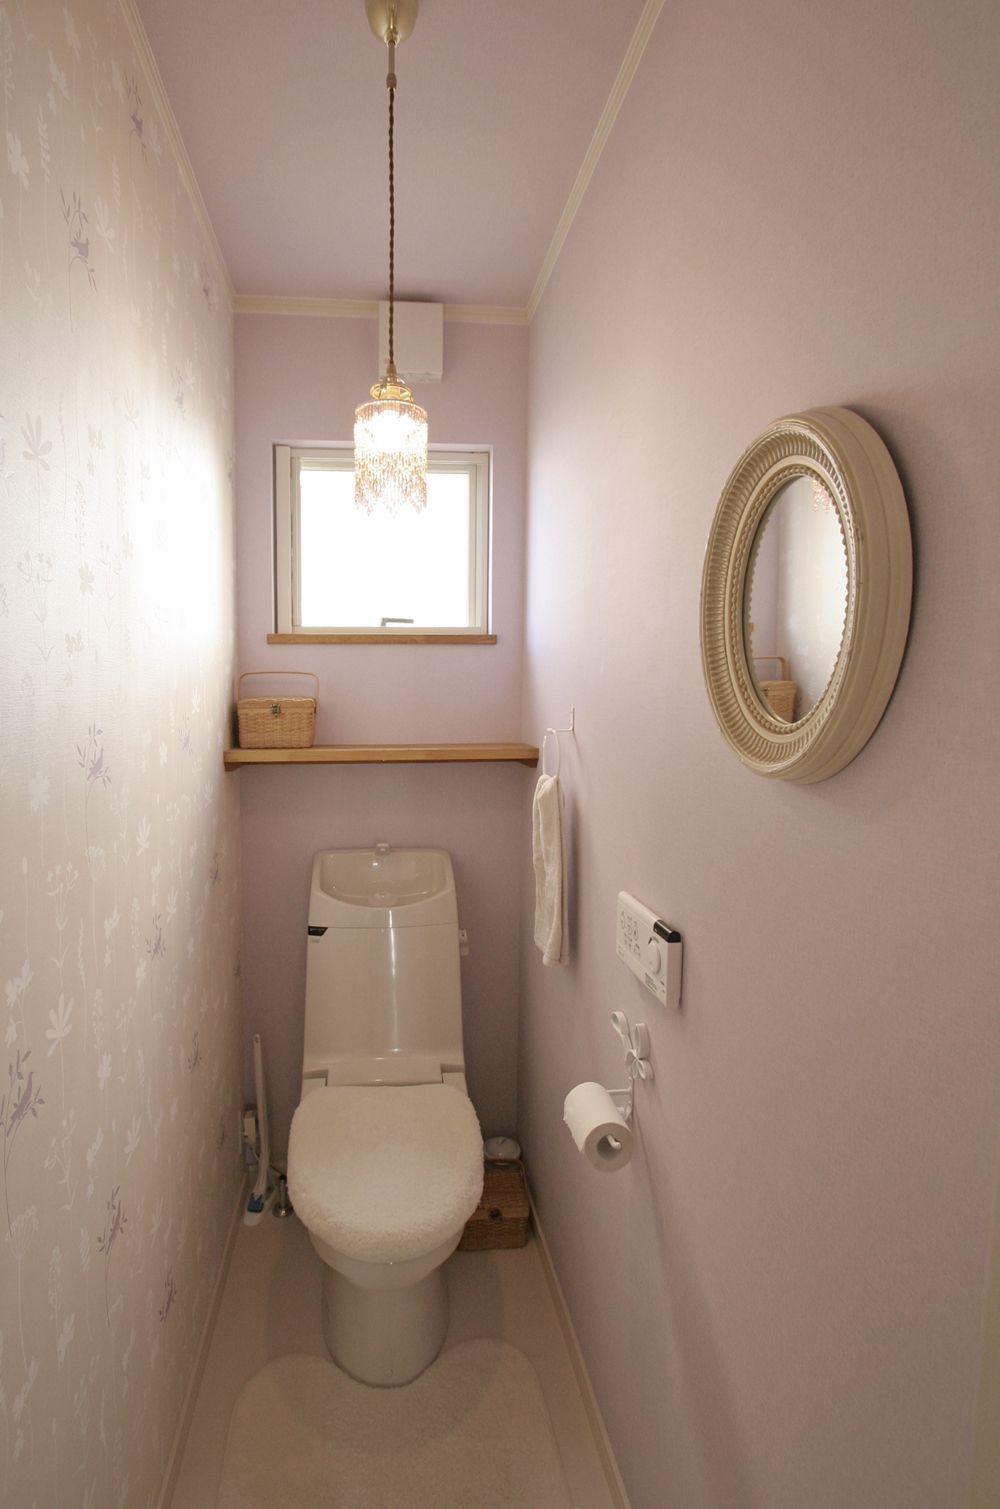 フェミニンピンクなトイレ 【おしゃれ】狭くても快適!トイレのインテリア画像集【diy】 Naver まとめ